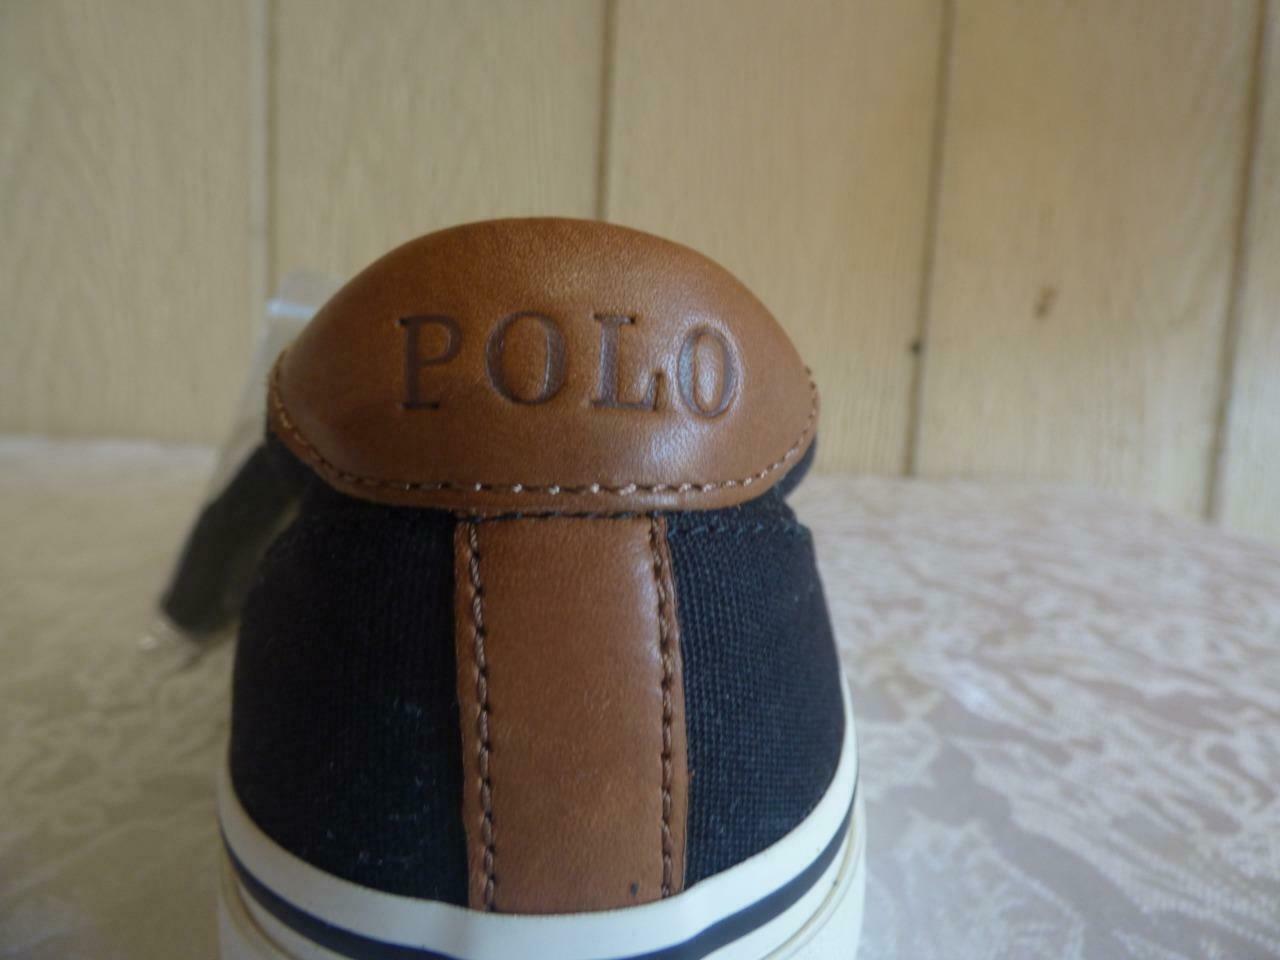 $65.0 Polo Ralph Lauren Men's Thorton Lace-Up Sneakers, Canvas, Black, Size 9, D